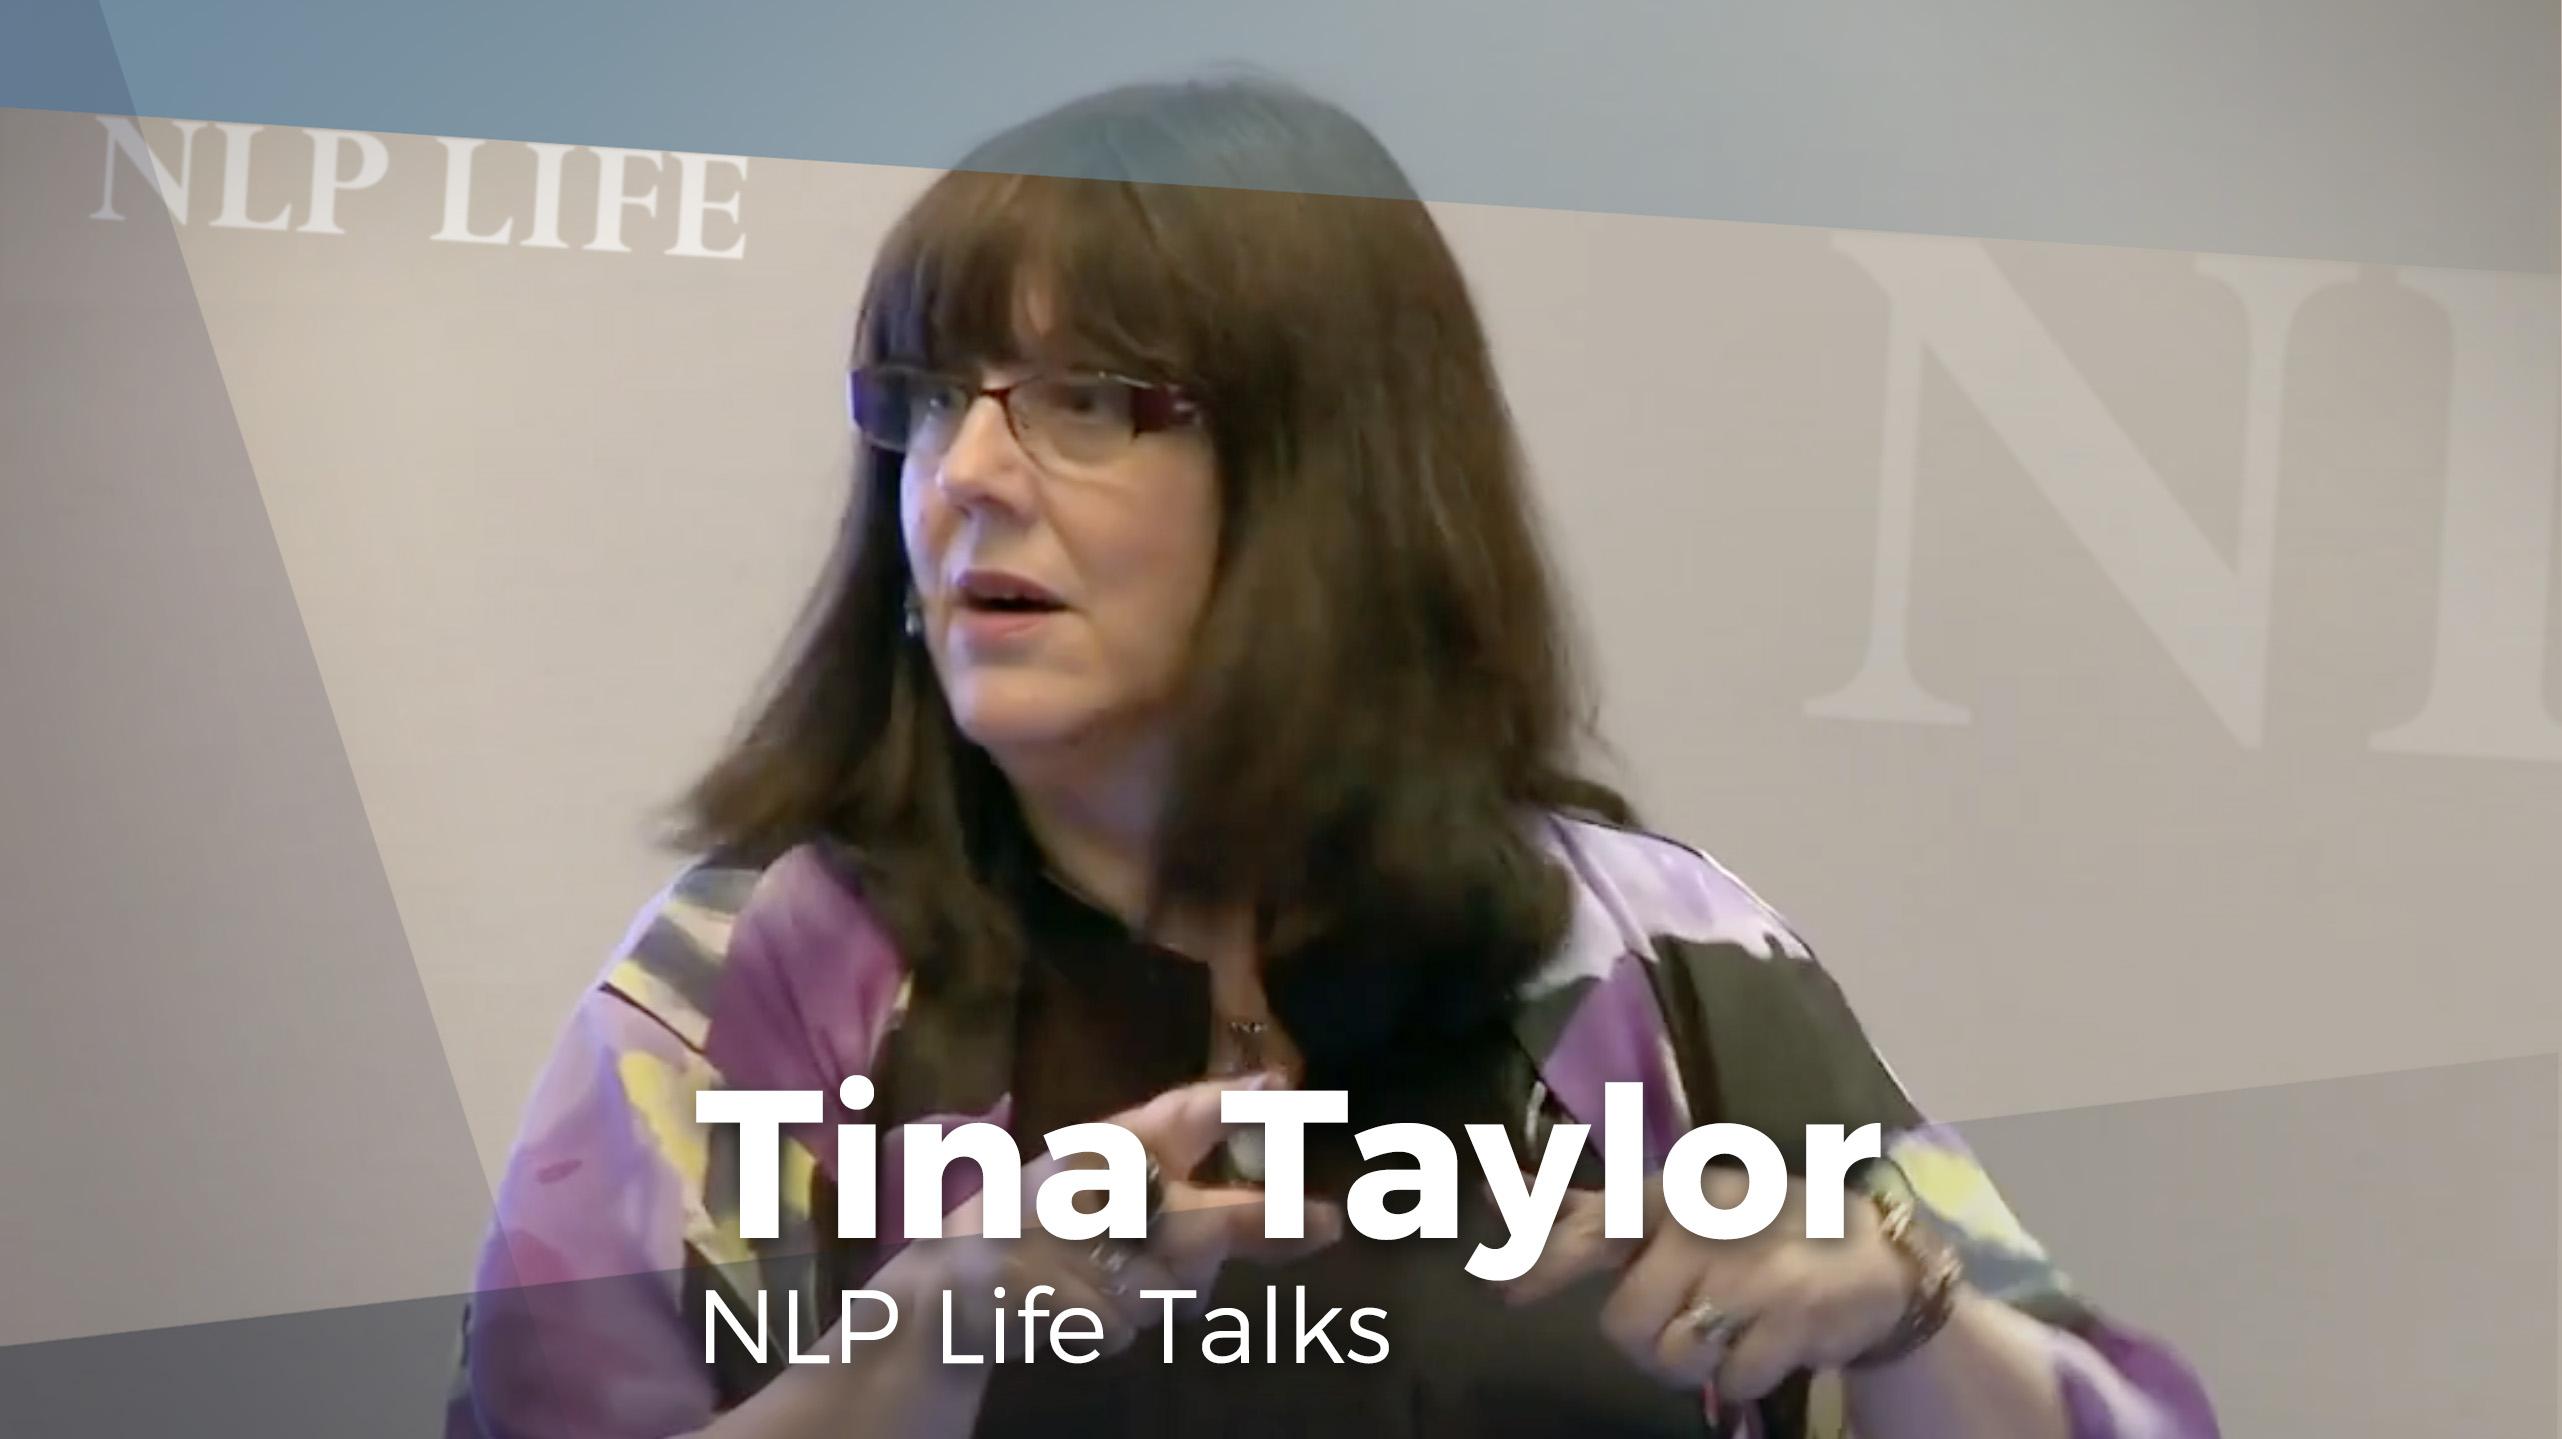 Tina Taylor's NLP Life Talk